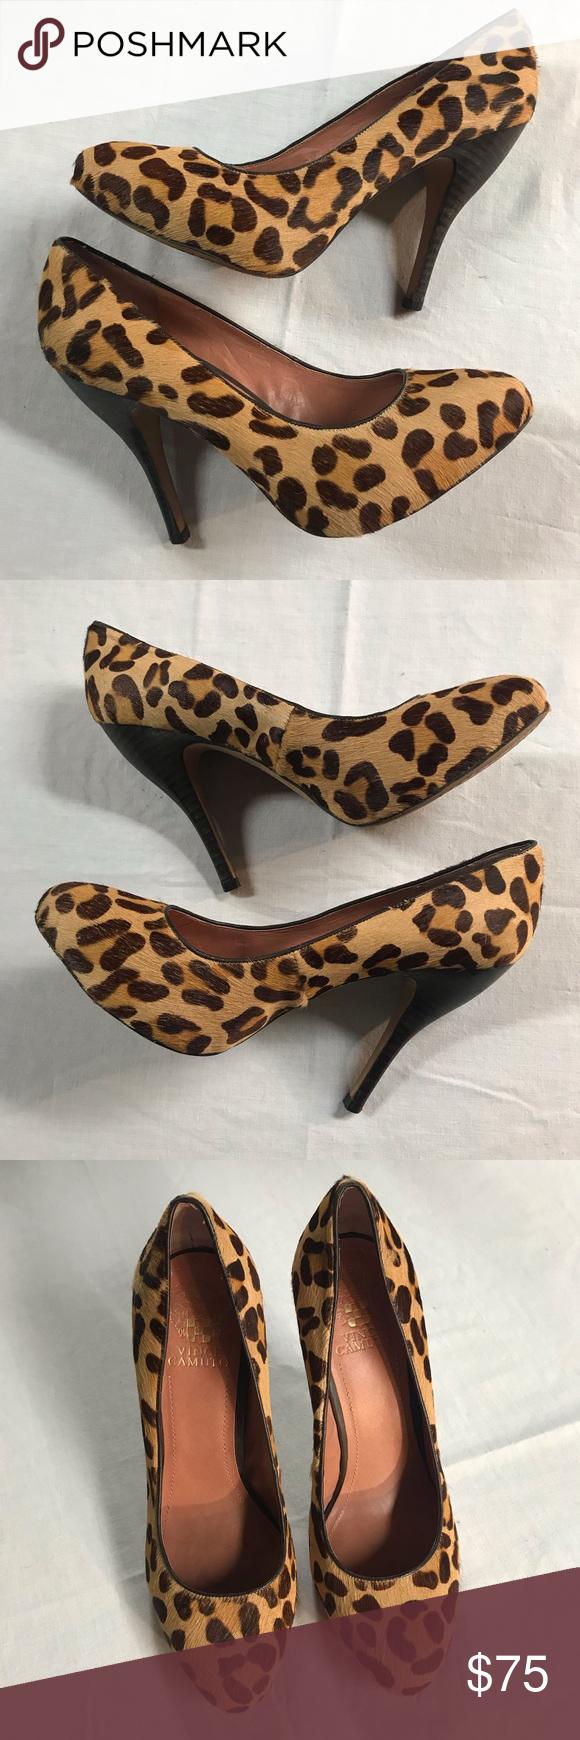 vince camuto leopard pumps